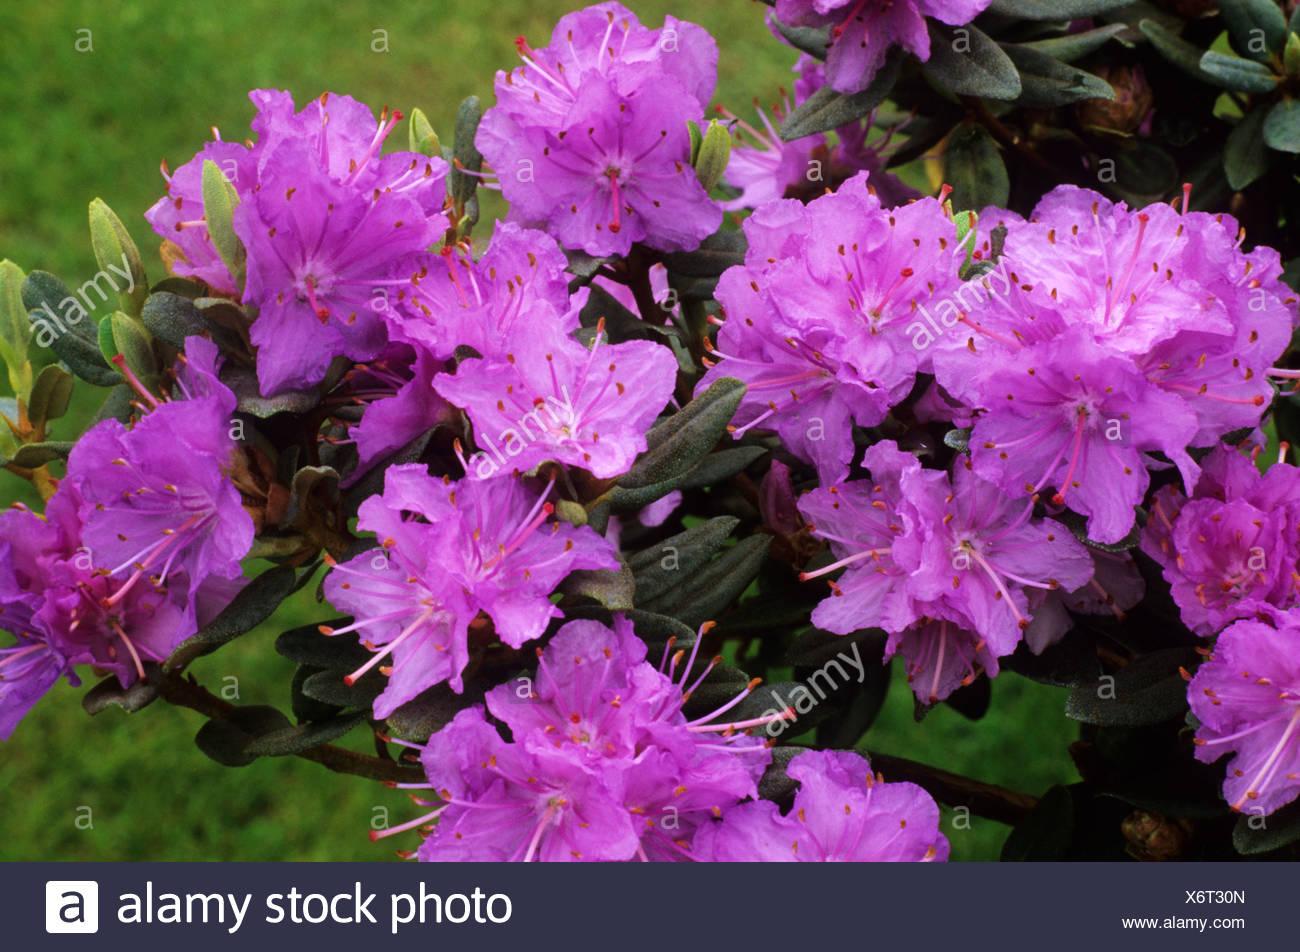 Rhododendron U0027Ramapou0027 Purple Flower Flowers Rhododendrons Azalea Azaleas Garden  Plant Plants